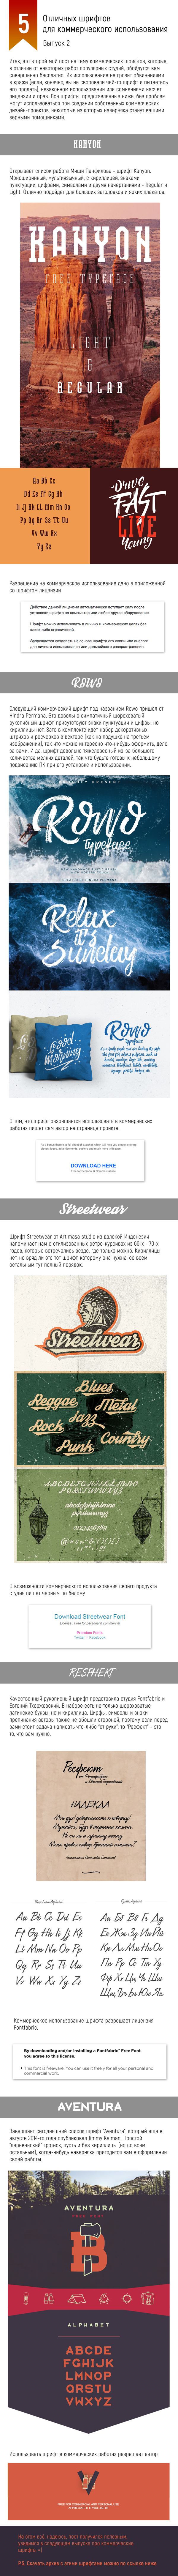 5 отличных шрифтов для коммерческого использования (2) Длиннопост, Шрифт, Дизайн, Лицензия